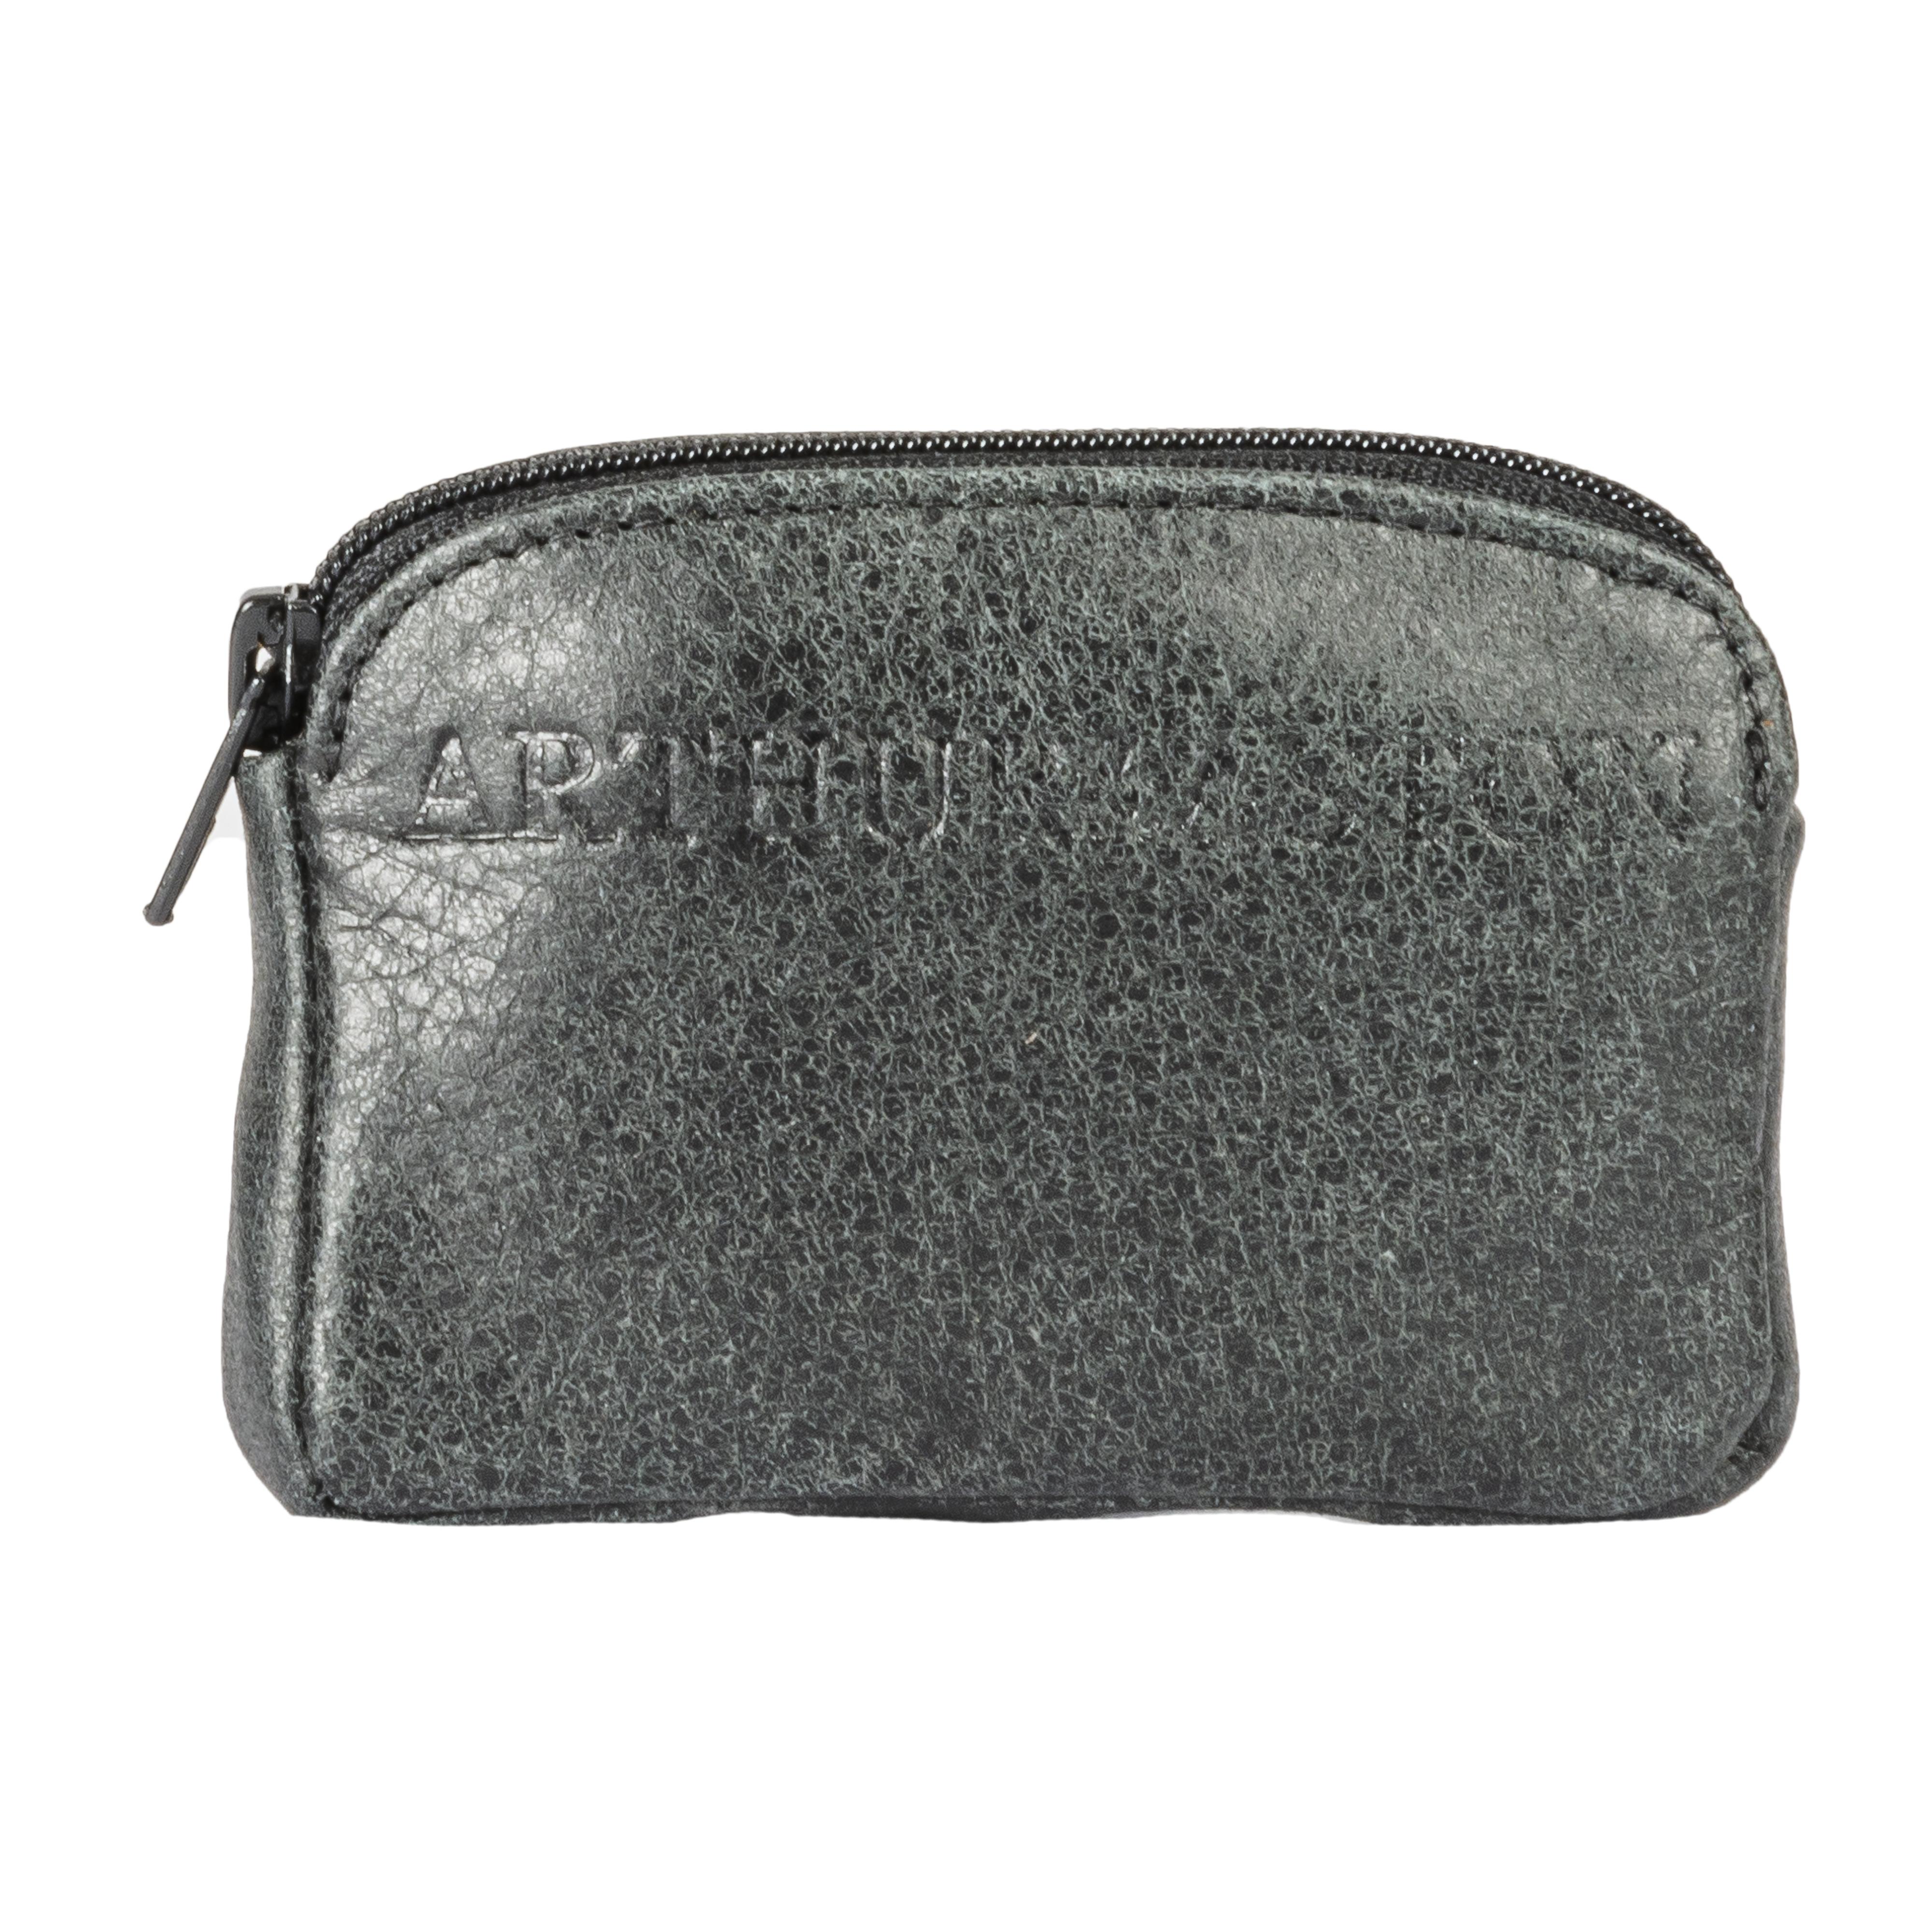 Porte-monnaie zippé arthur & aston en cuir noir